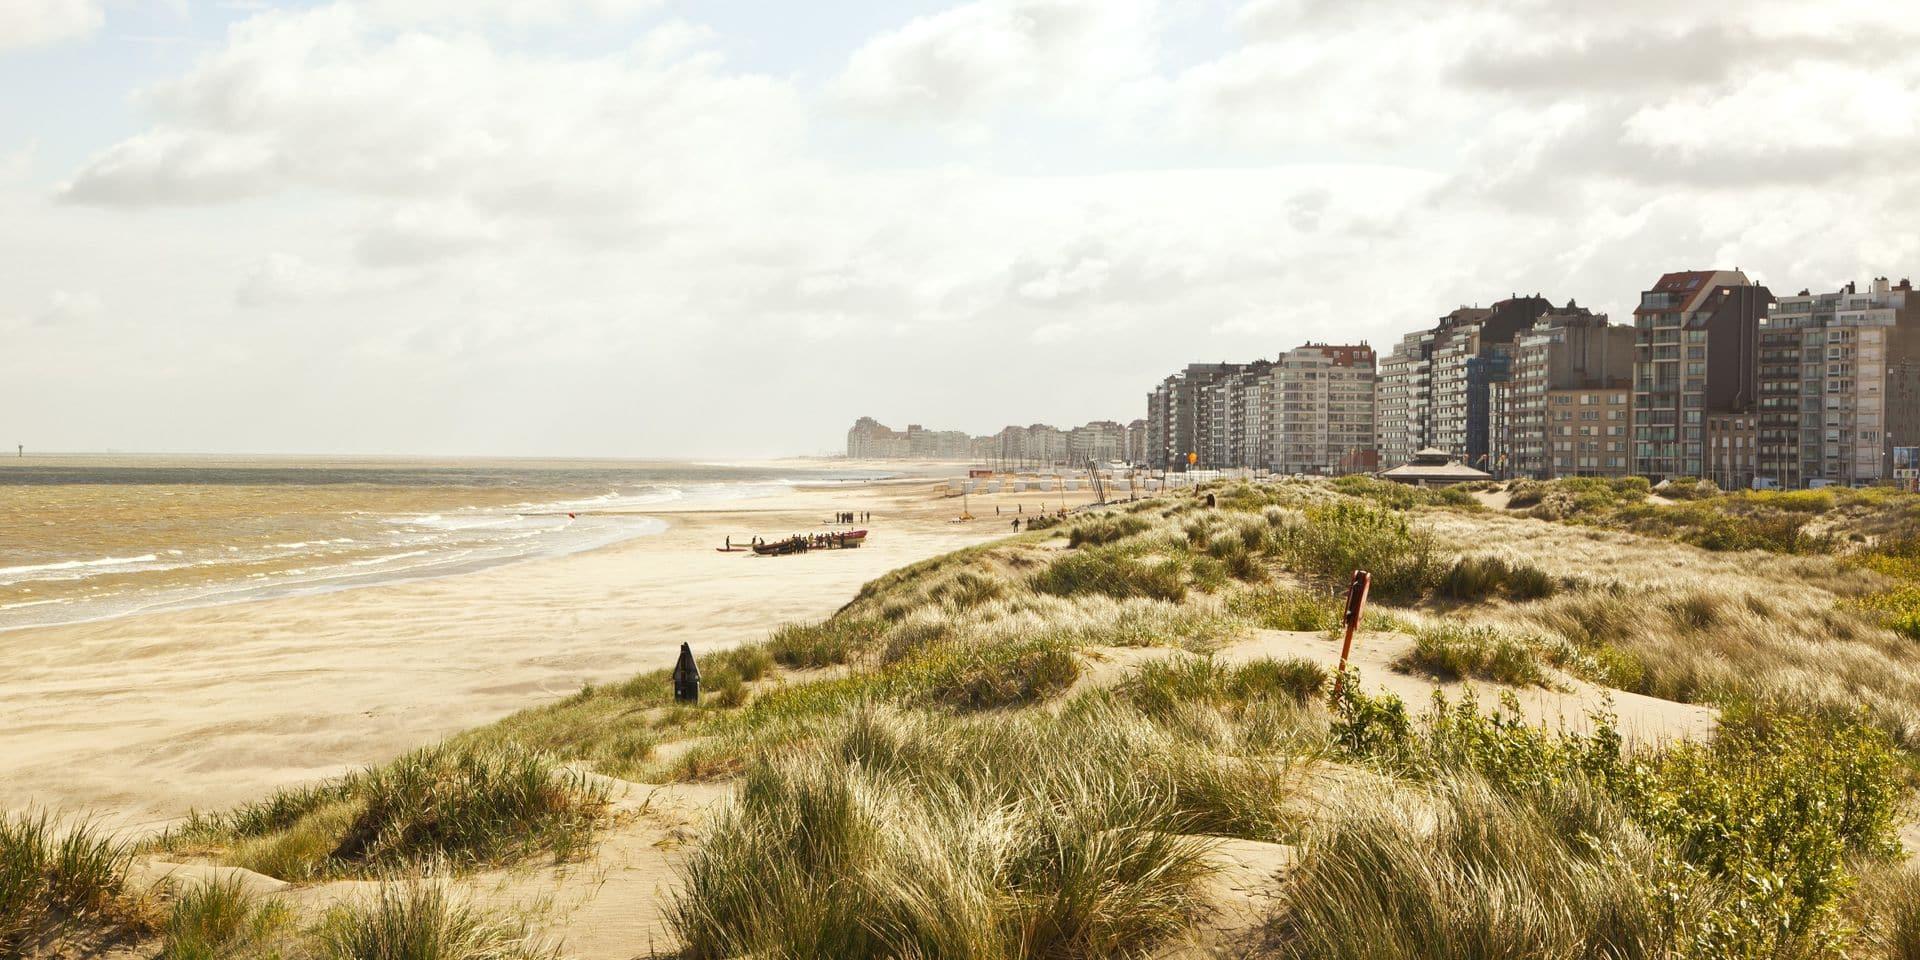 Deux fois plus de Belges choisissent des vacances à moins de 500 km de chez eux